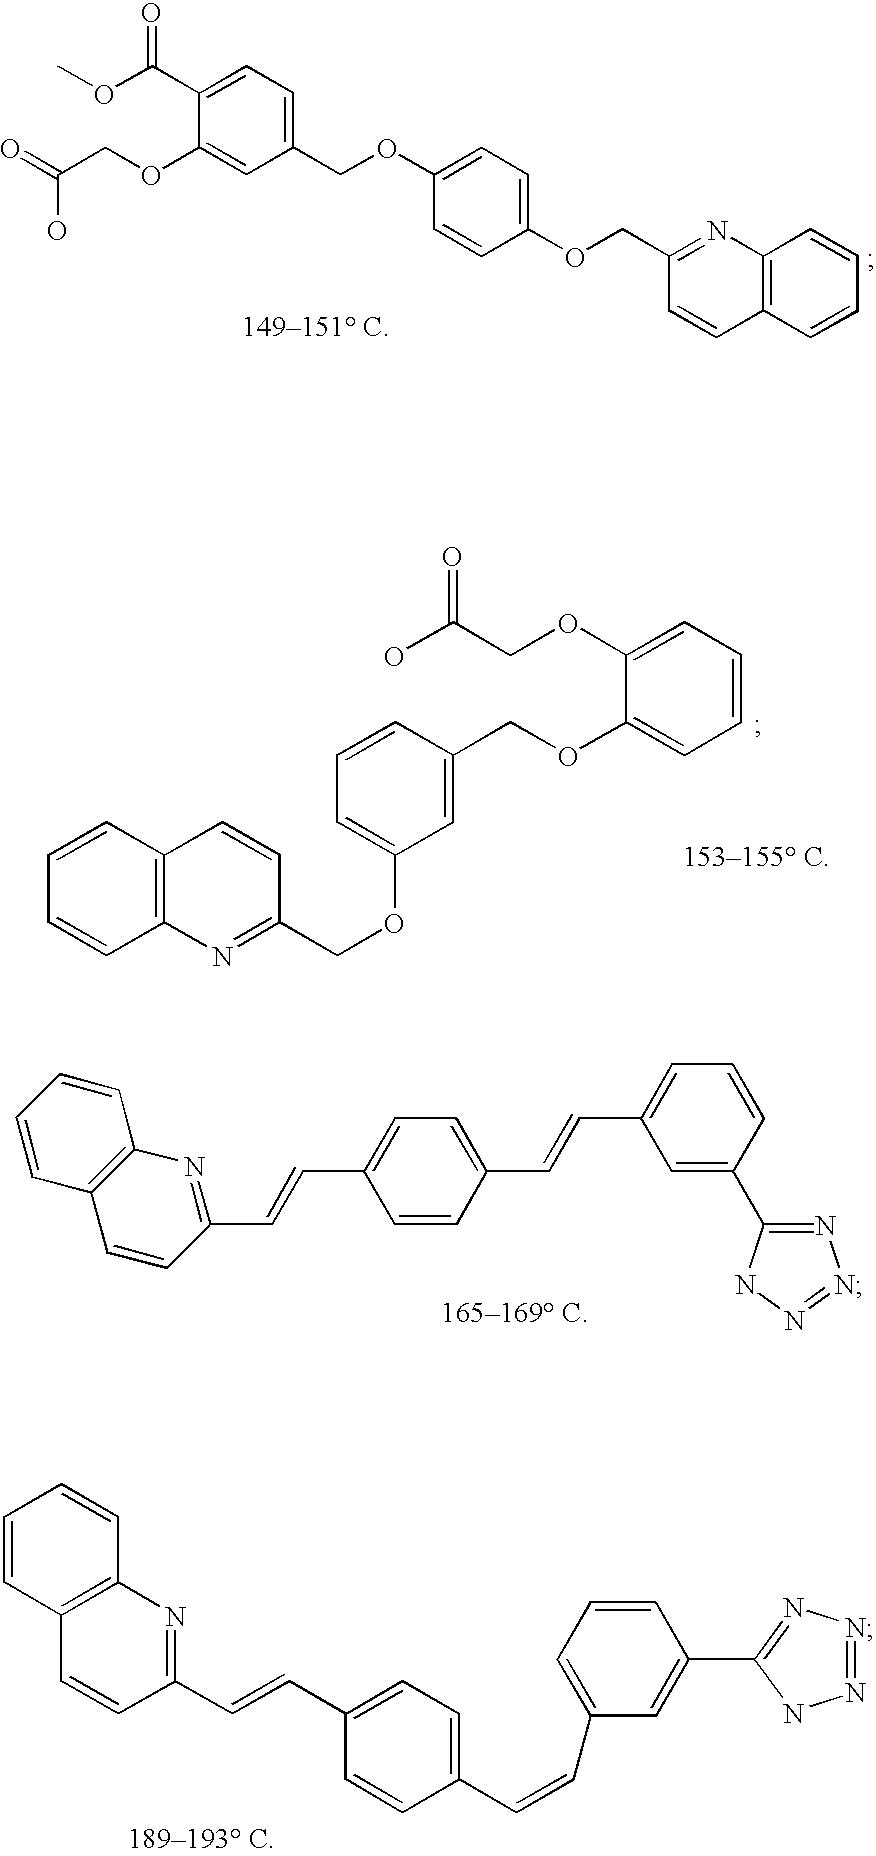 Figure US20030220373A1-20031127-C00307